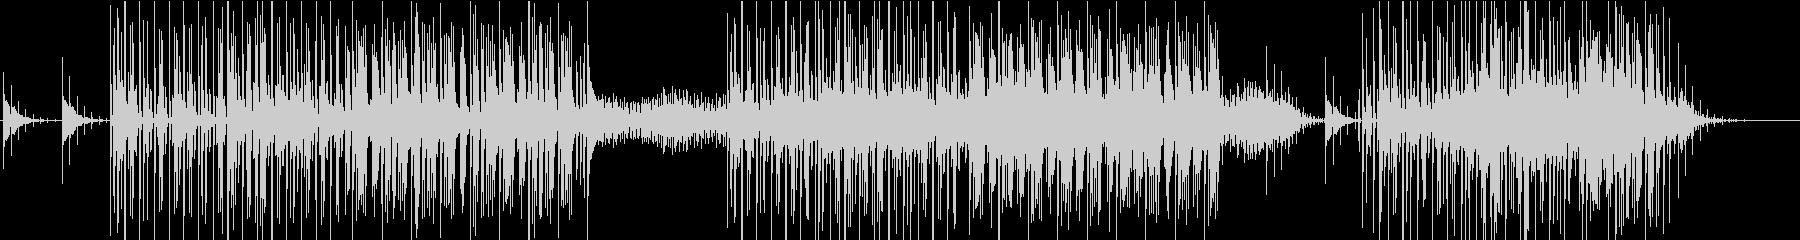 リズミックなエレクトロニカの未再生の波形